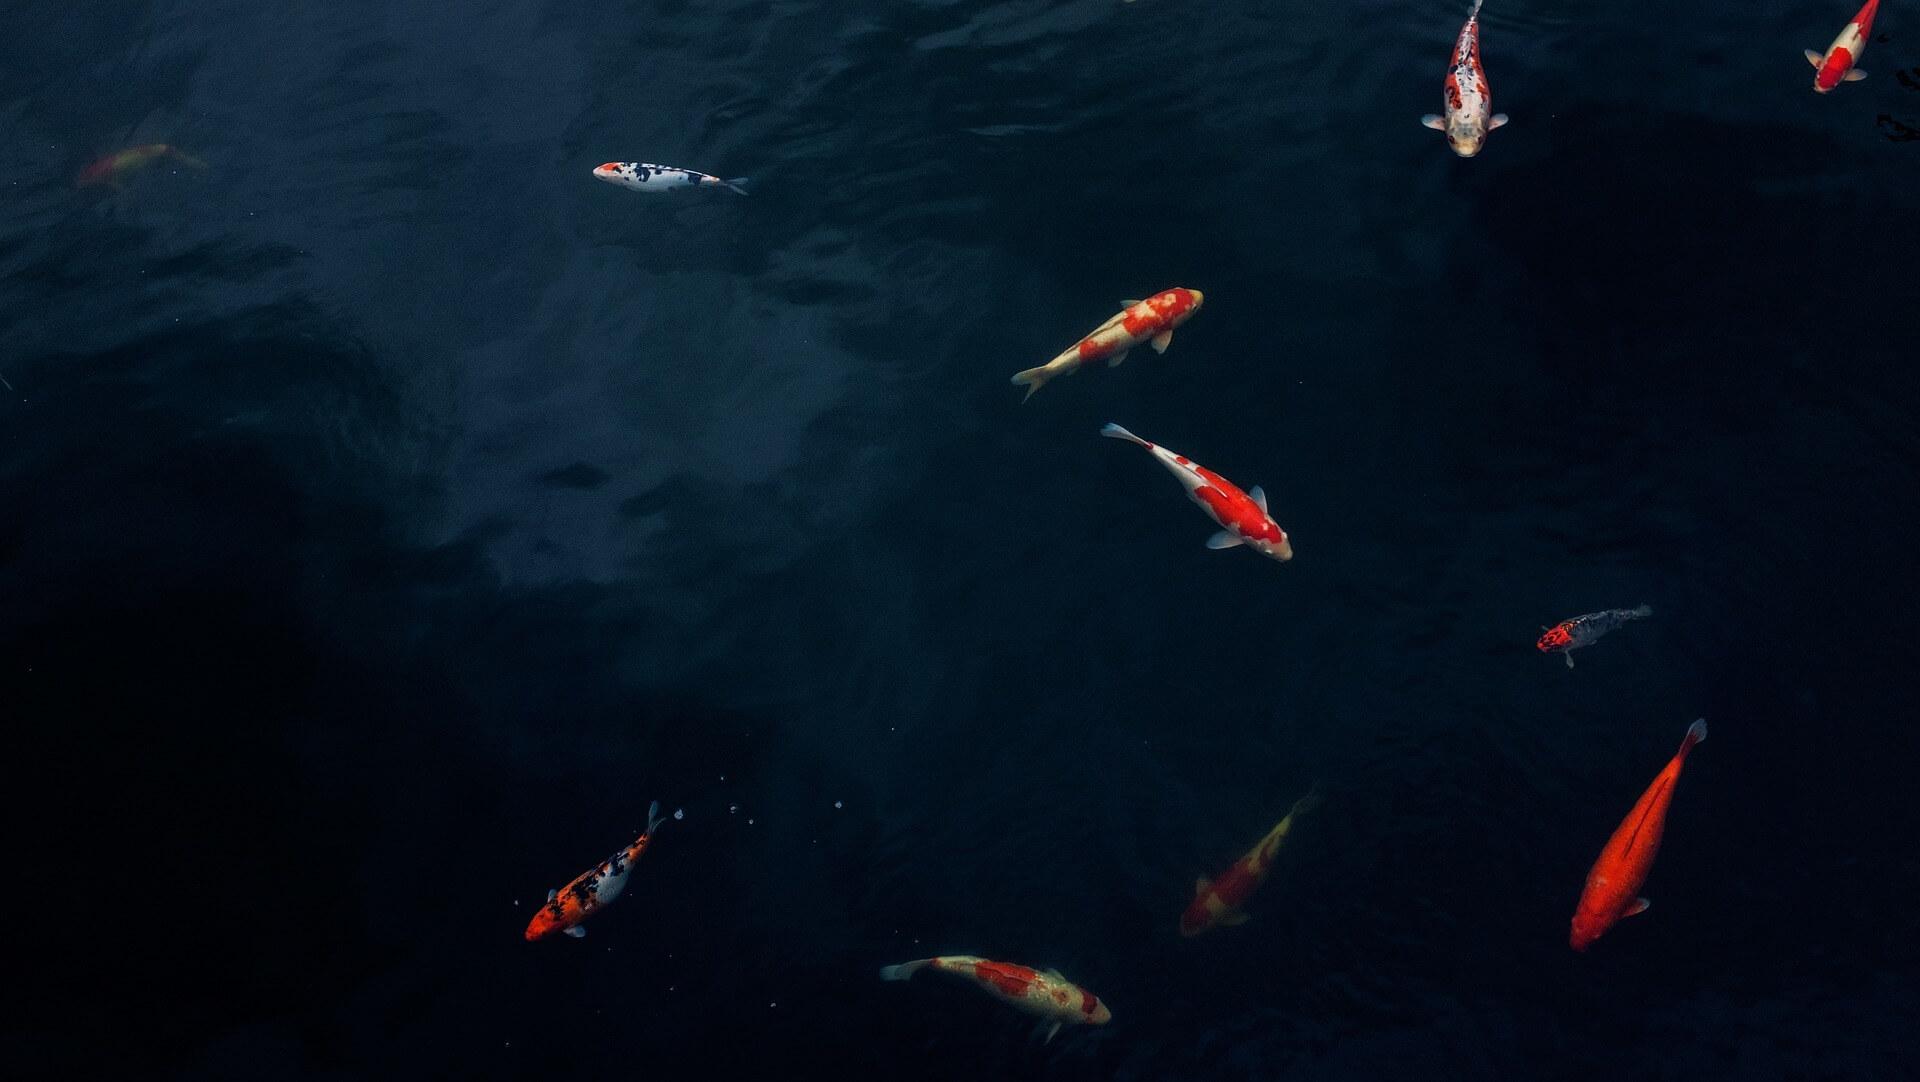 Hình nền con cá chép đẹp